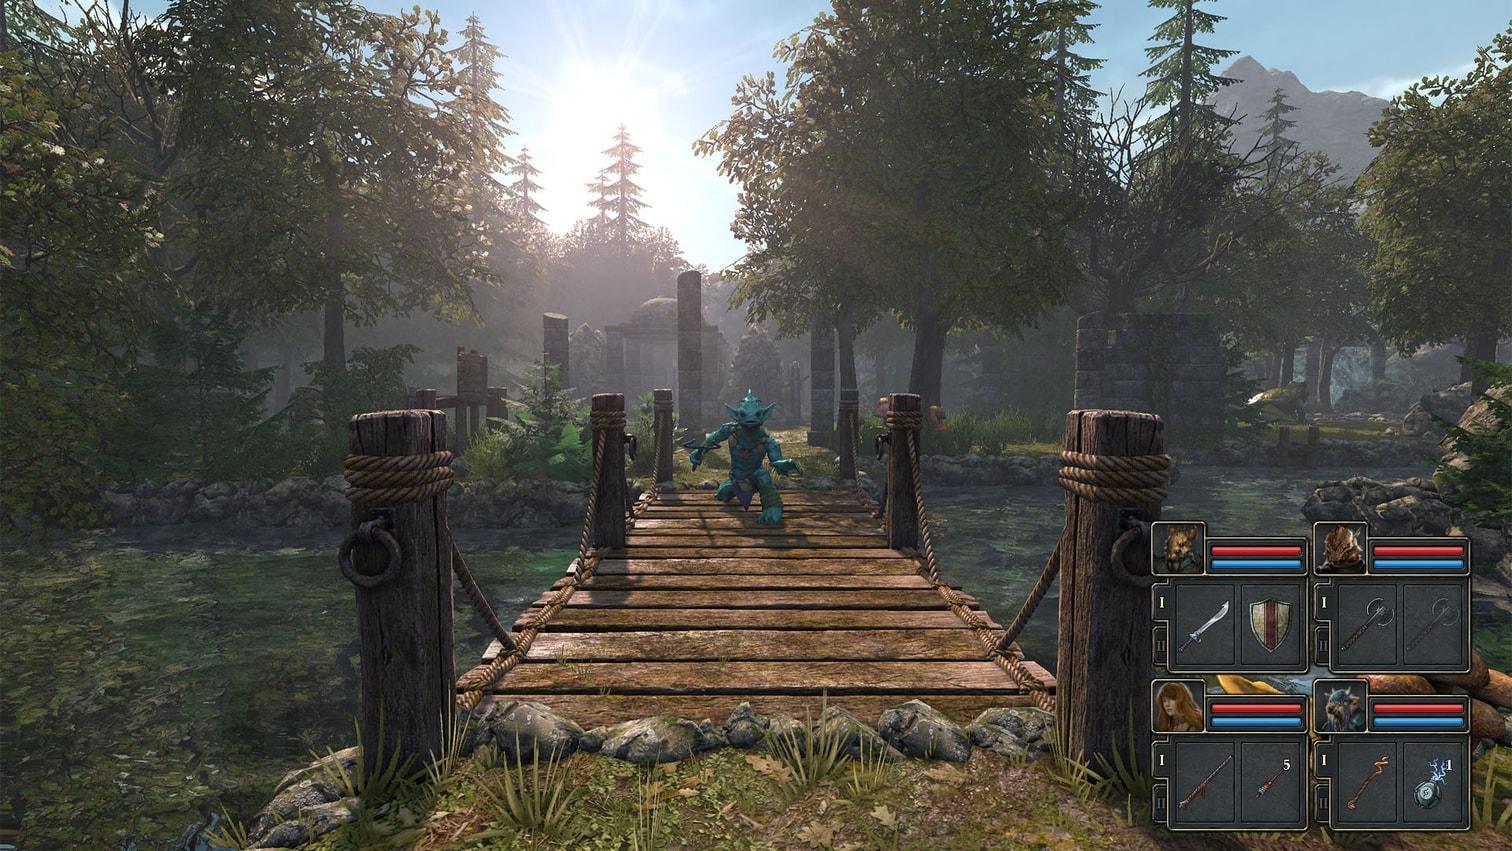 <p><span>Rogue-Rollenspiel mit rundenbasierten Kämpfen und fabulösem Grafik-Stil. Knüppelhart!</span></p> Foto: Screenshot